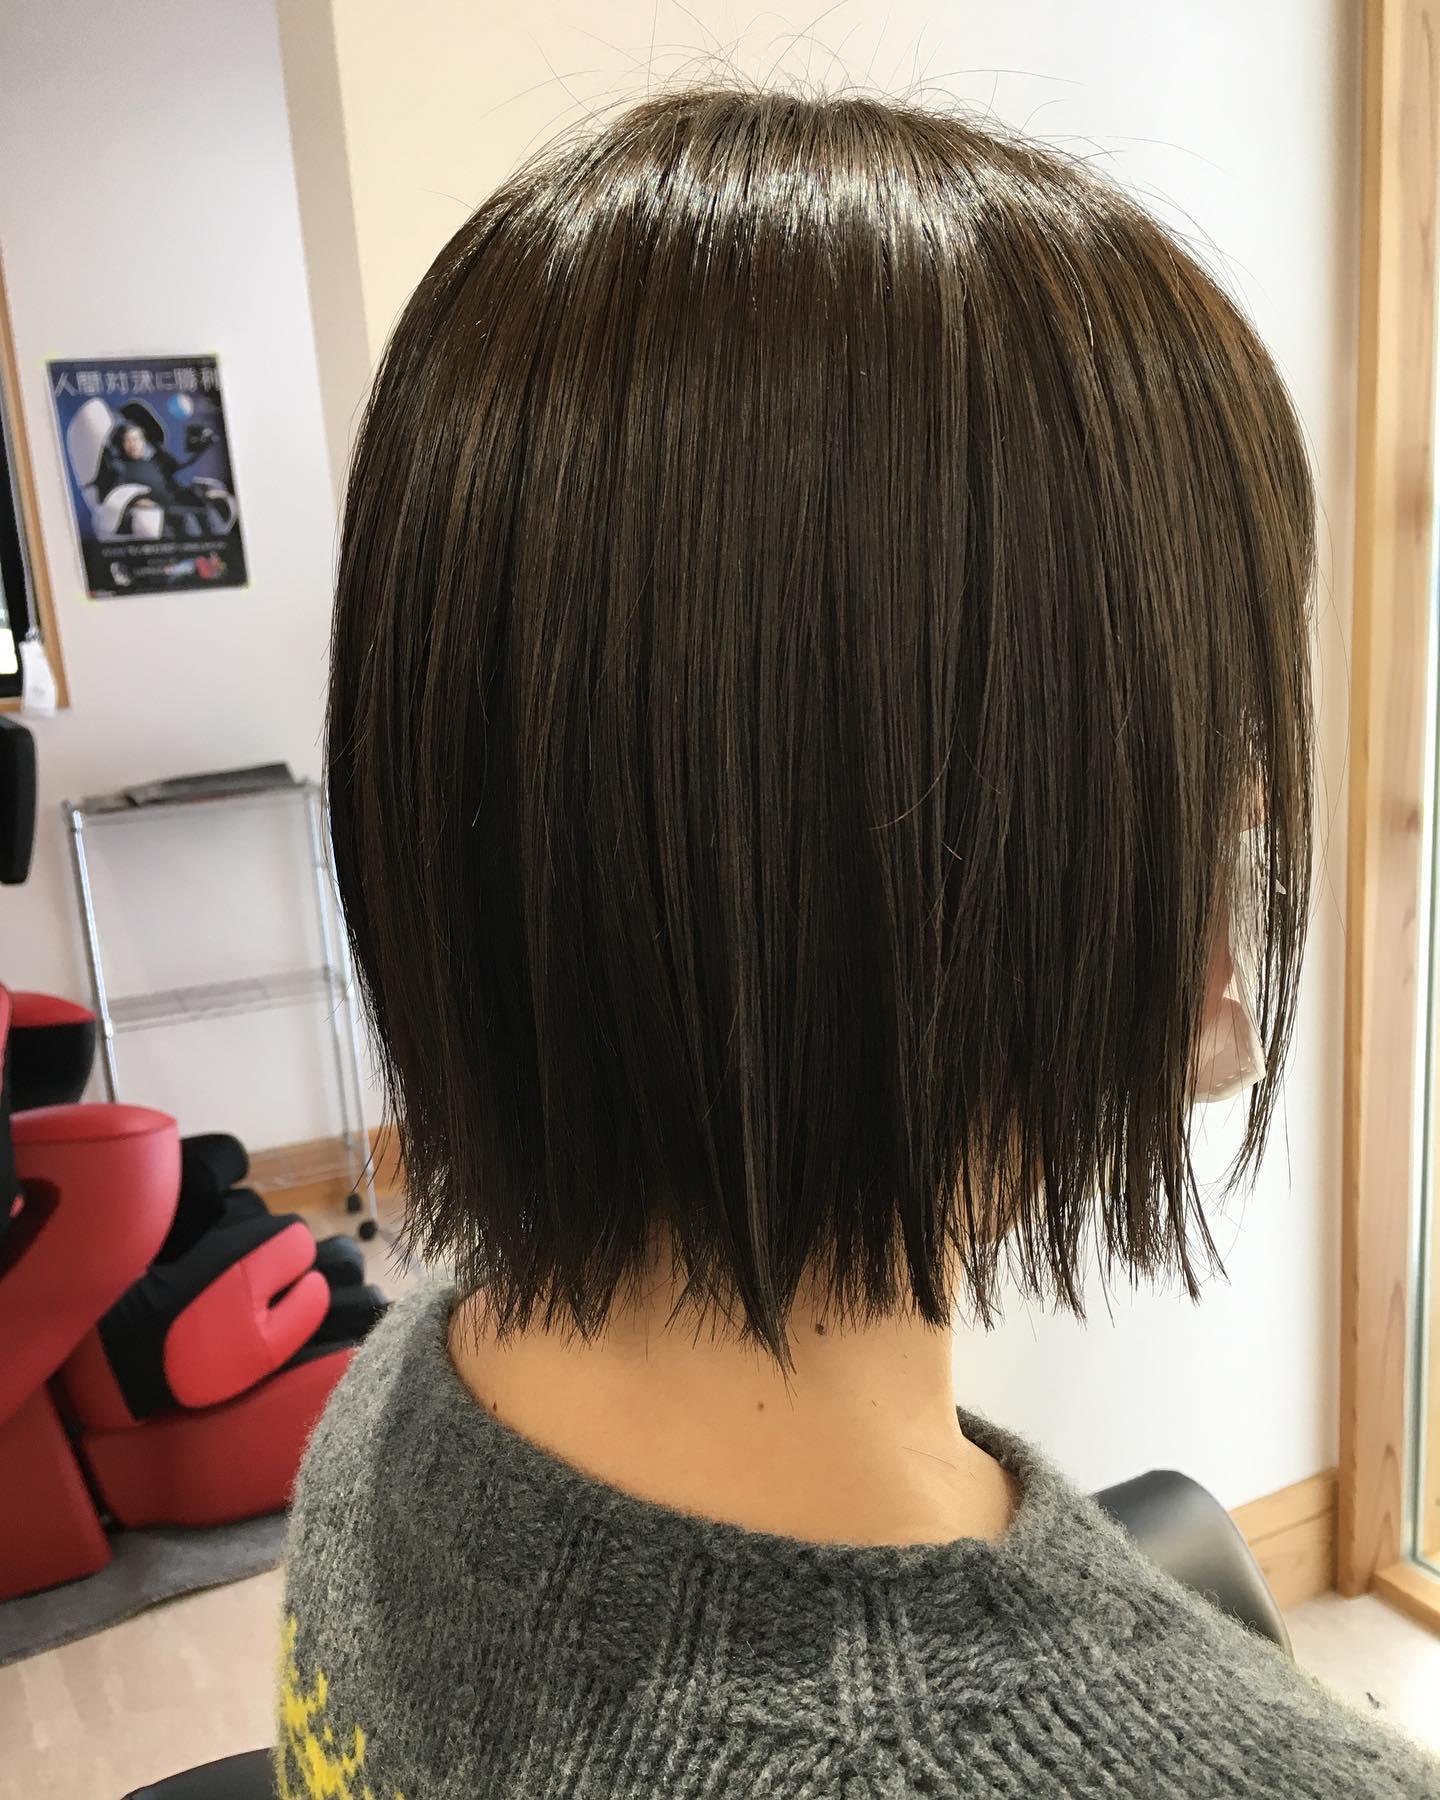 やっぱりぱつっと切りっぱなしで...ツヤツヤカラーで気分あがるっ♪♪今年1年もお世話になりましたまた来年度もTottiをお贔屓に#totti #hair #color #perm #cut #hairstyle #haircolor #hairarrange #stylist #care #carelist #aujua #イルミナカラー #headspa #treatment #美容院#着付け